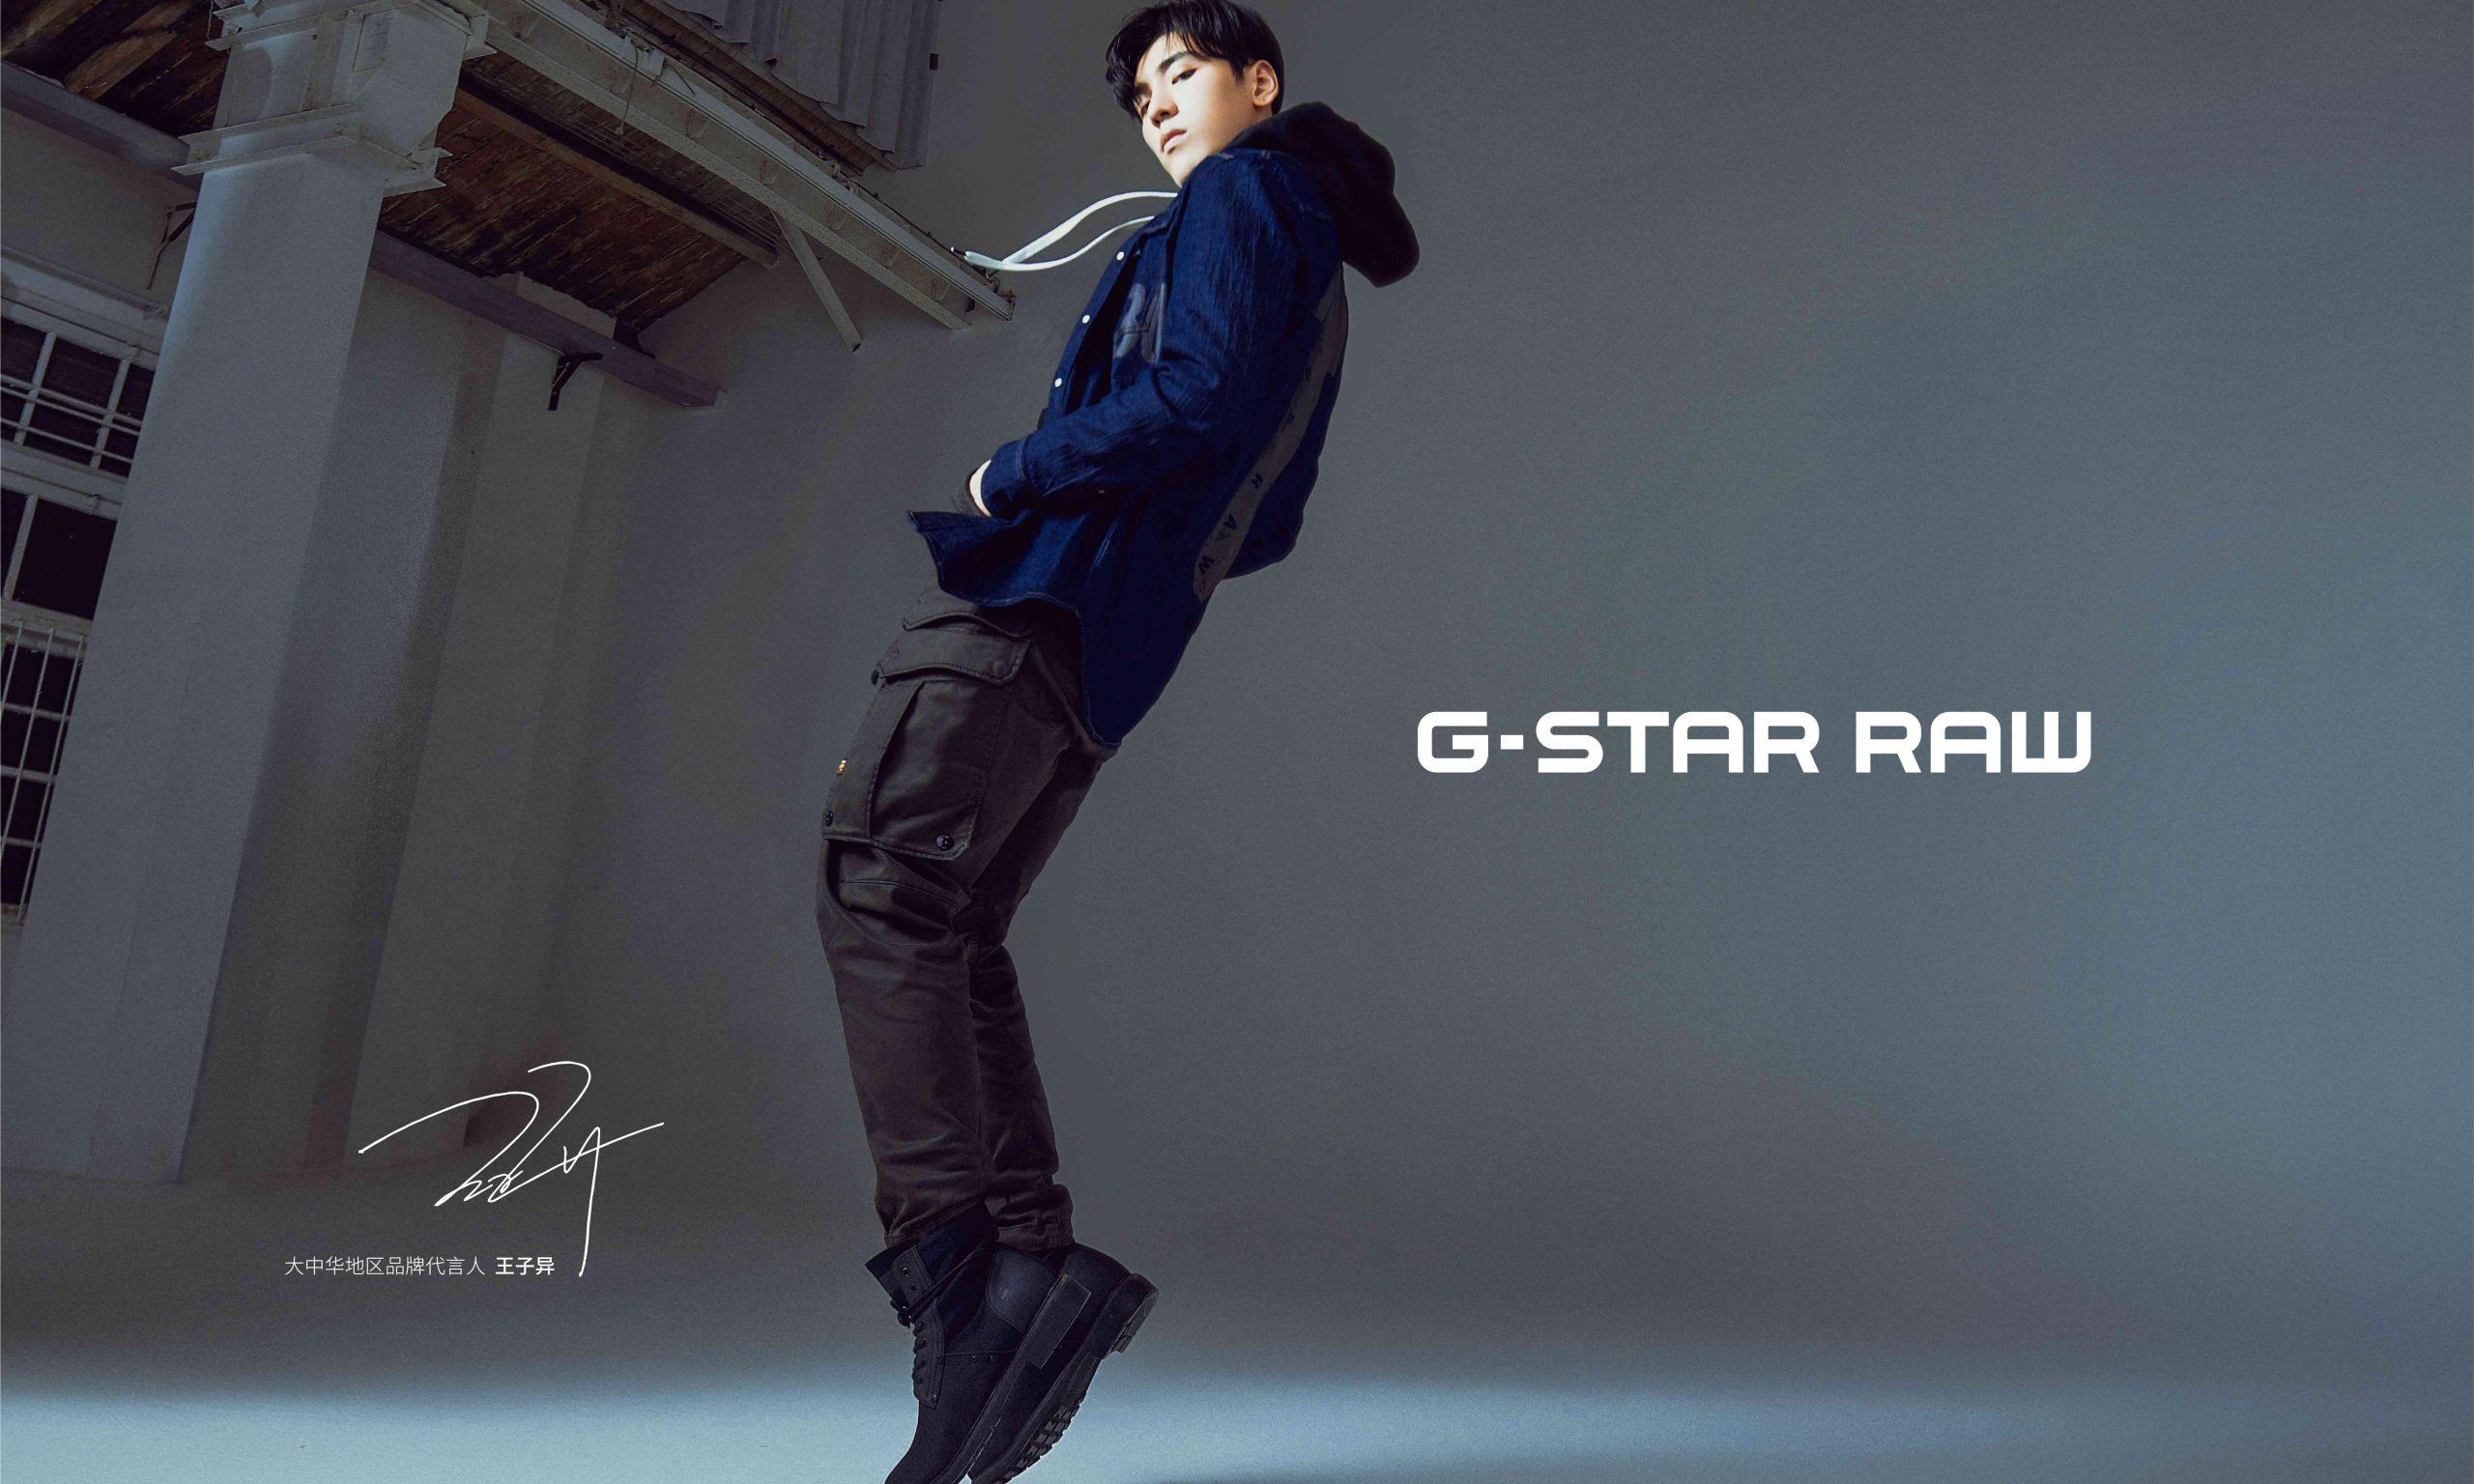 王子异演绎「硬核丹宁」,G-STAR RAW 2020 秋冬系列释出